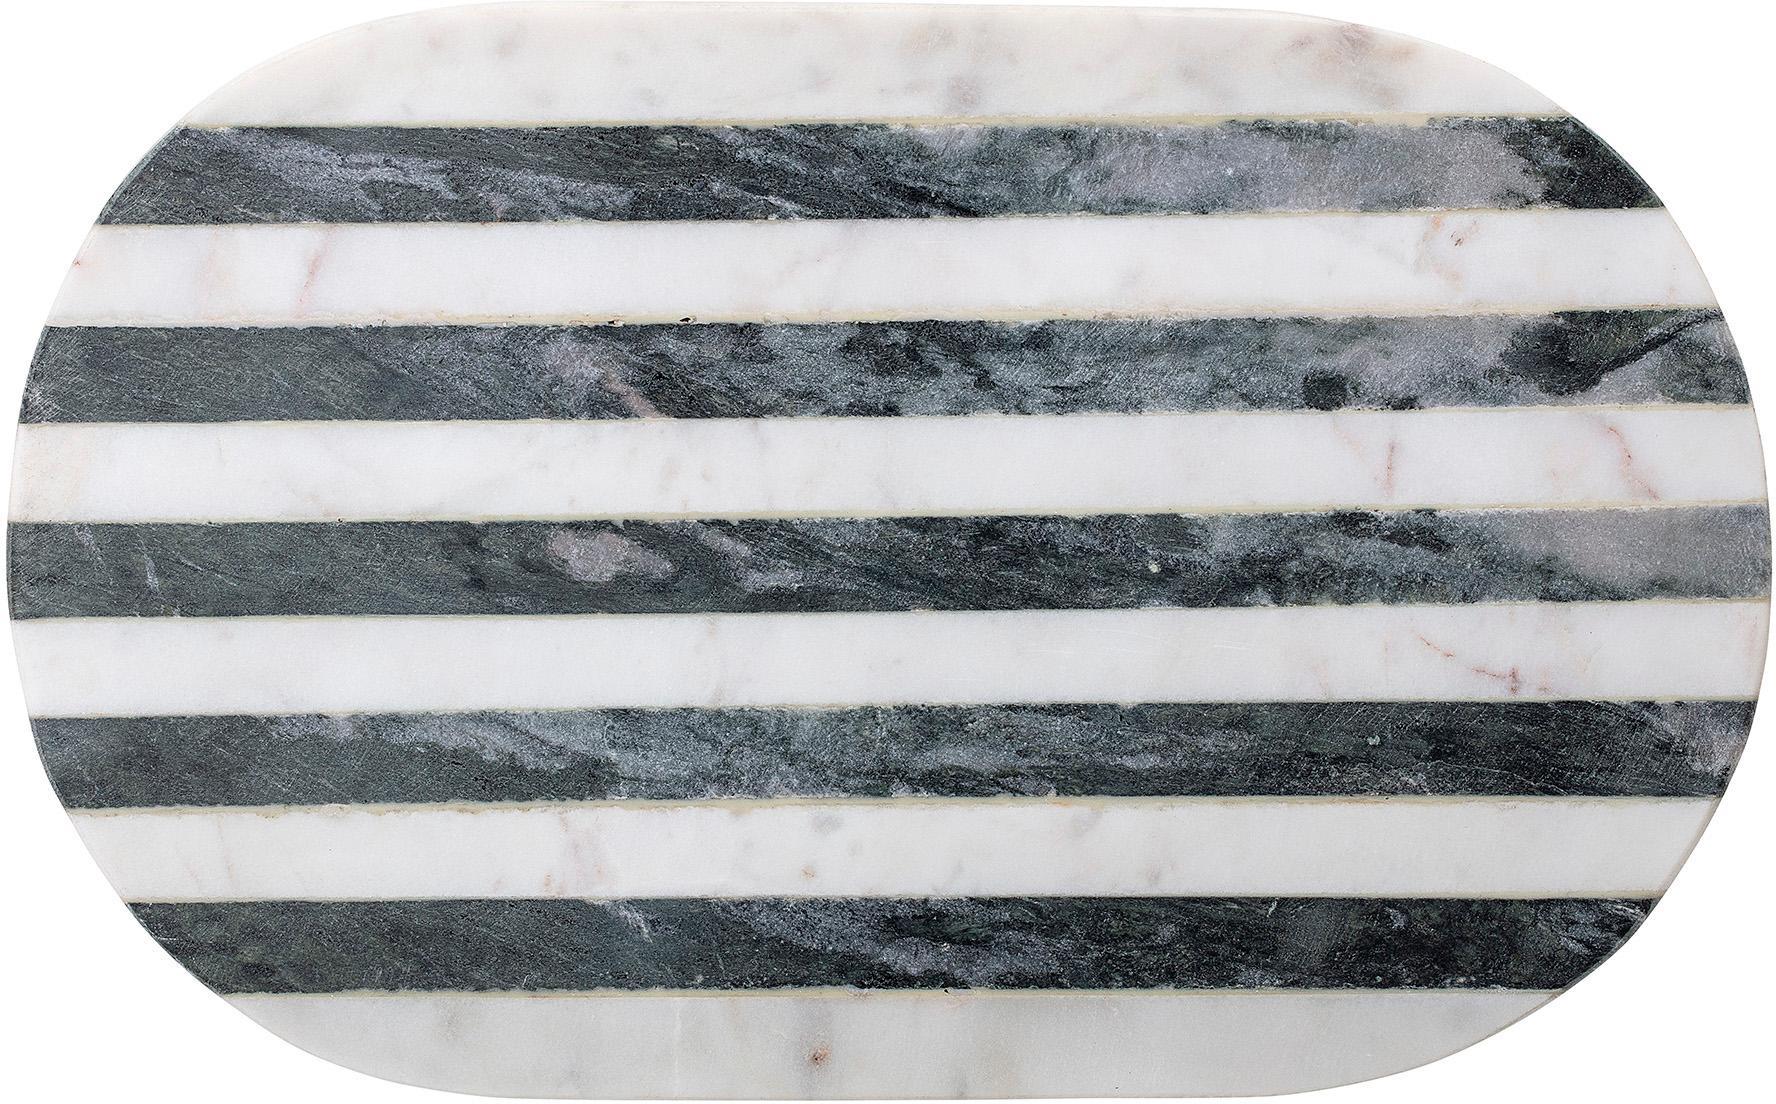 Tabla de cortar de mármol Stripes, Mármol, Negro, blanco, An 37 x F 23 cm